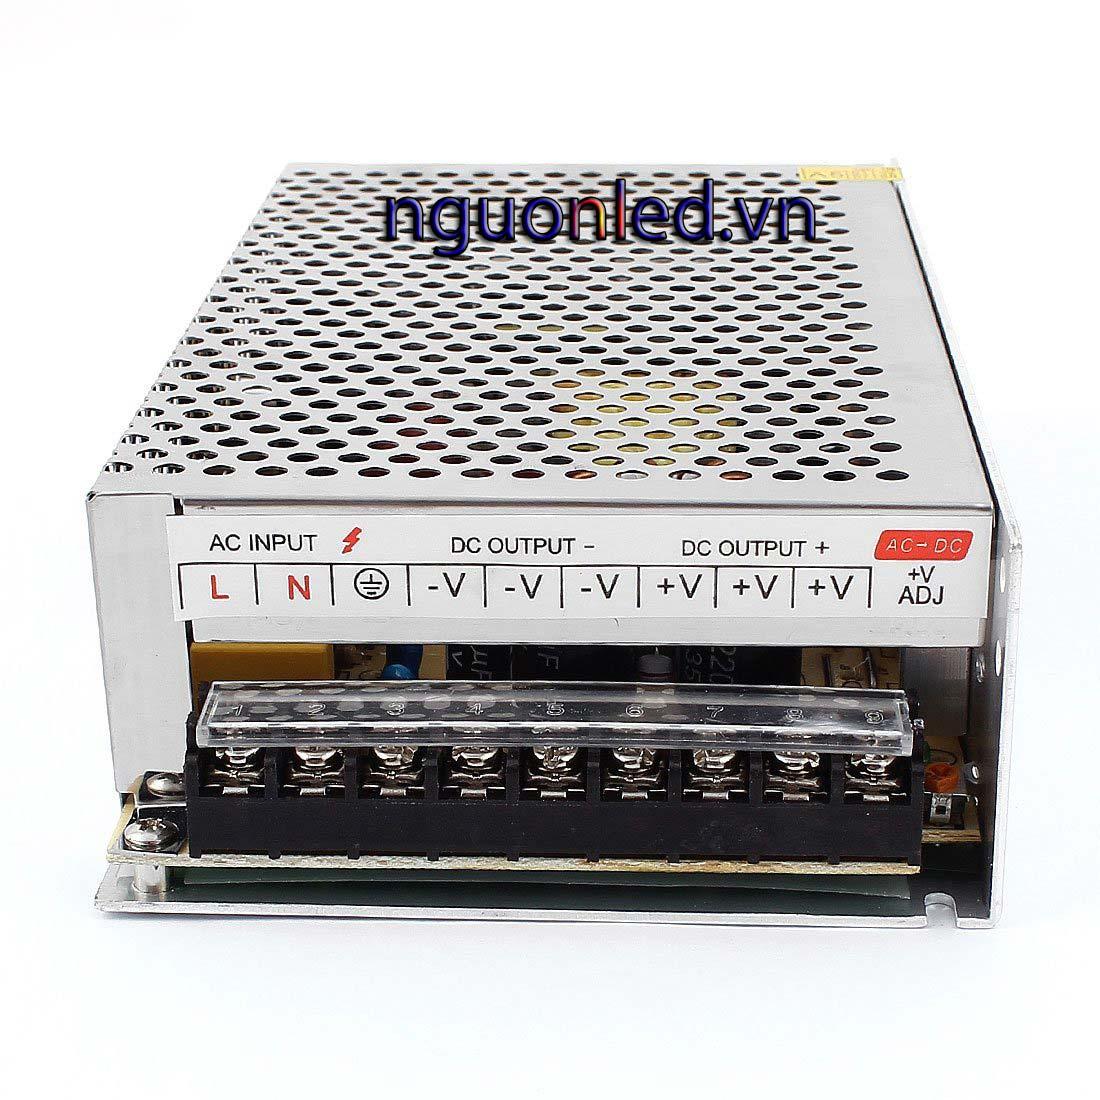 Nguồn 24V 10A loại tốt, giá rẻ, đủ ampe, chất lượng, BH 1 năm, nguonled.vn